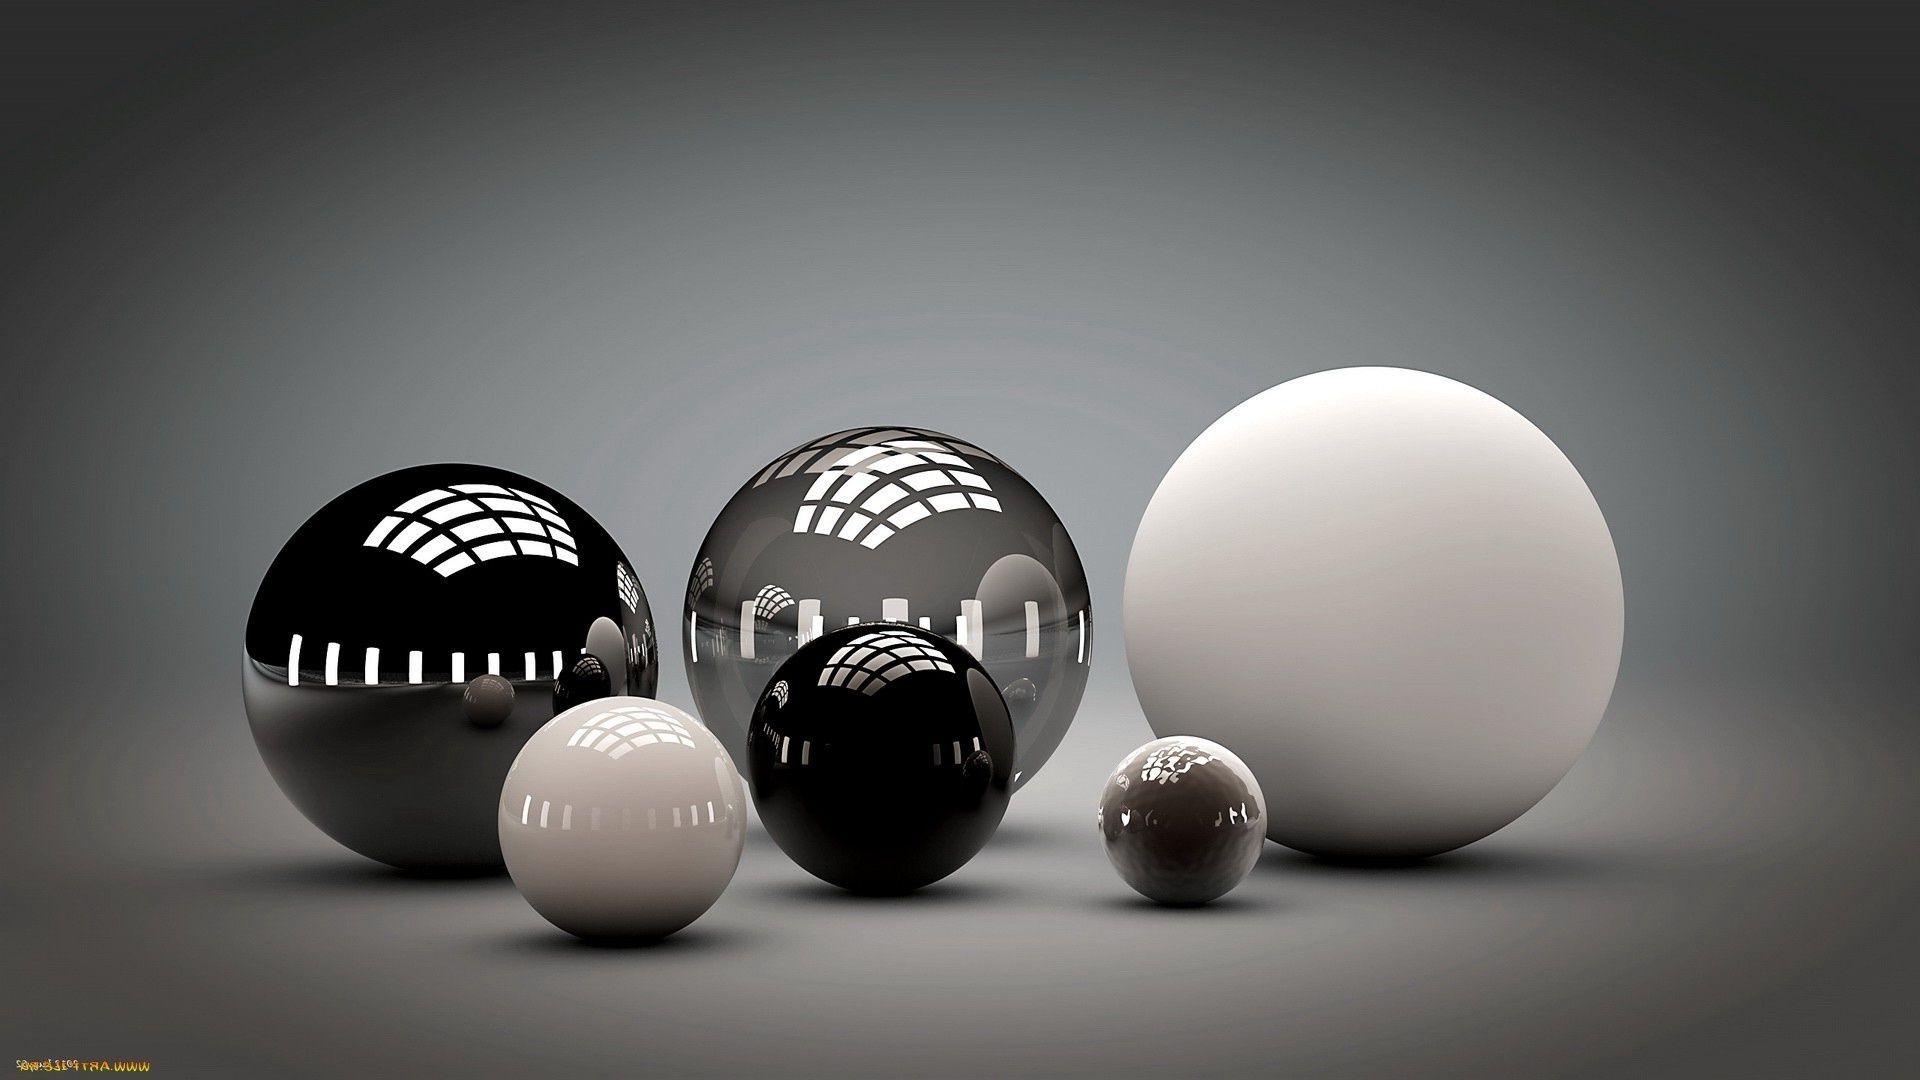 внимание картинки на рабочий стол шарики на весь экран стараются выпускать модели